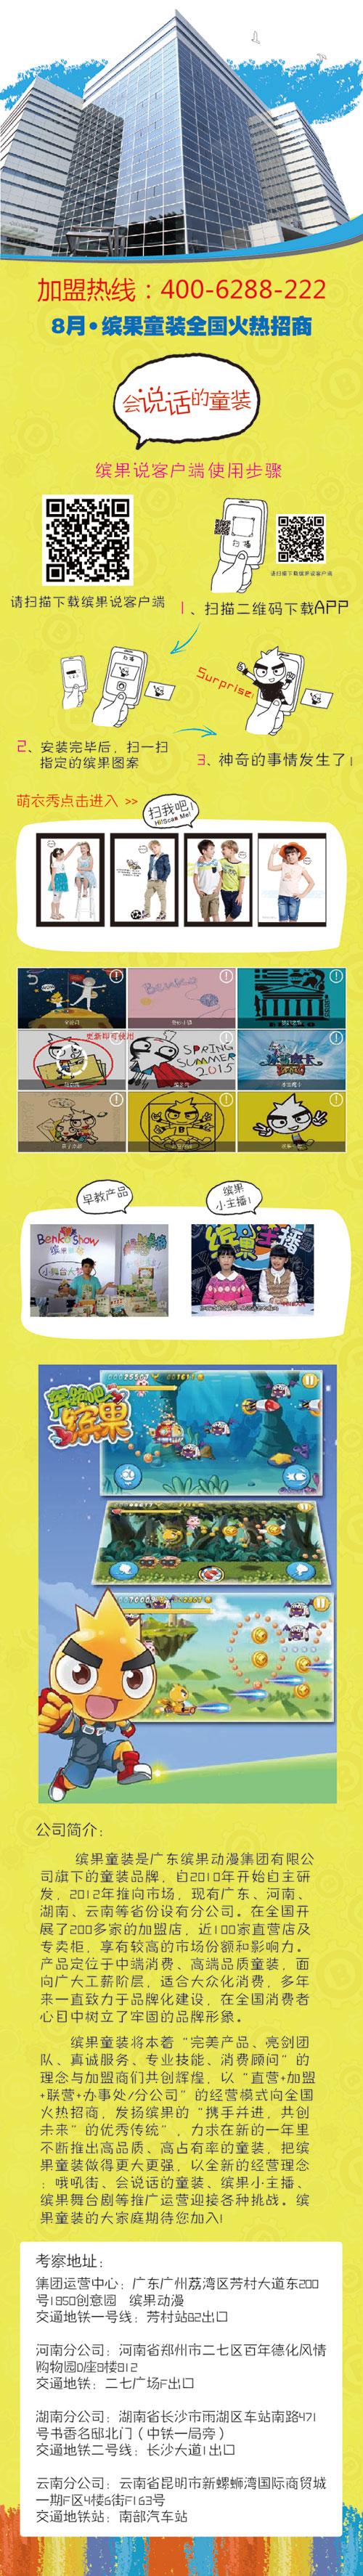 缤果童装2015秋冬装订货会8月与您在云南相约